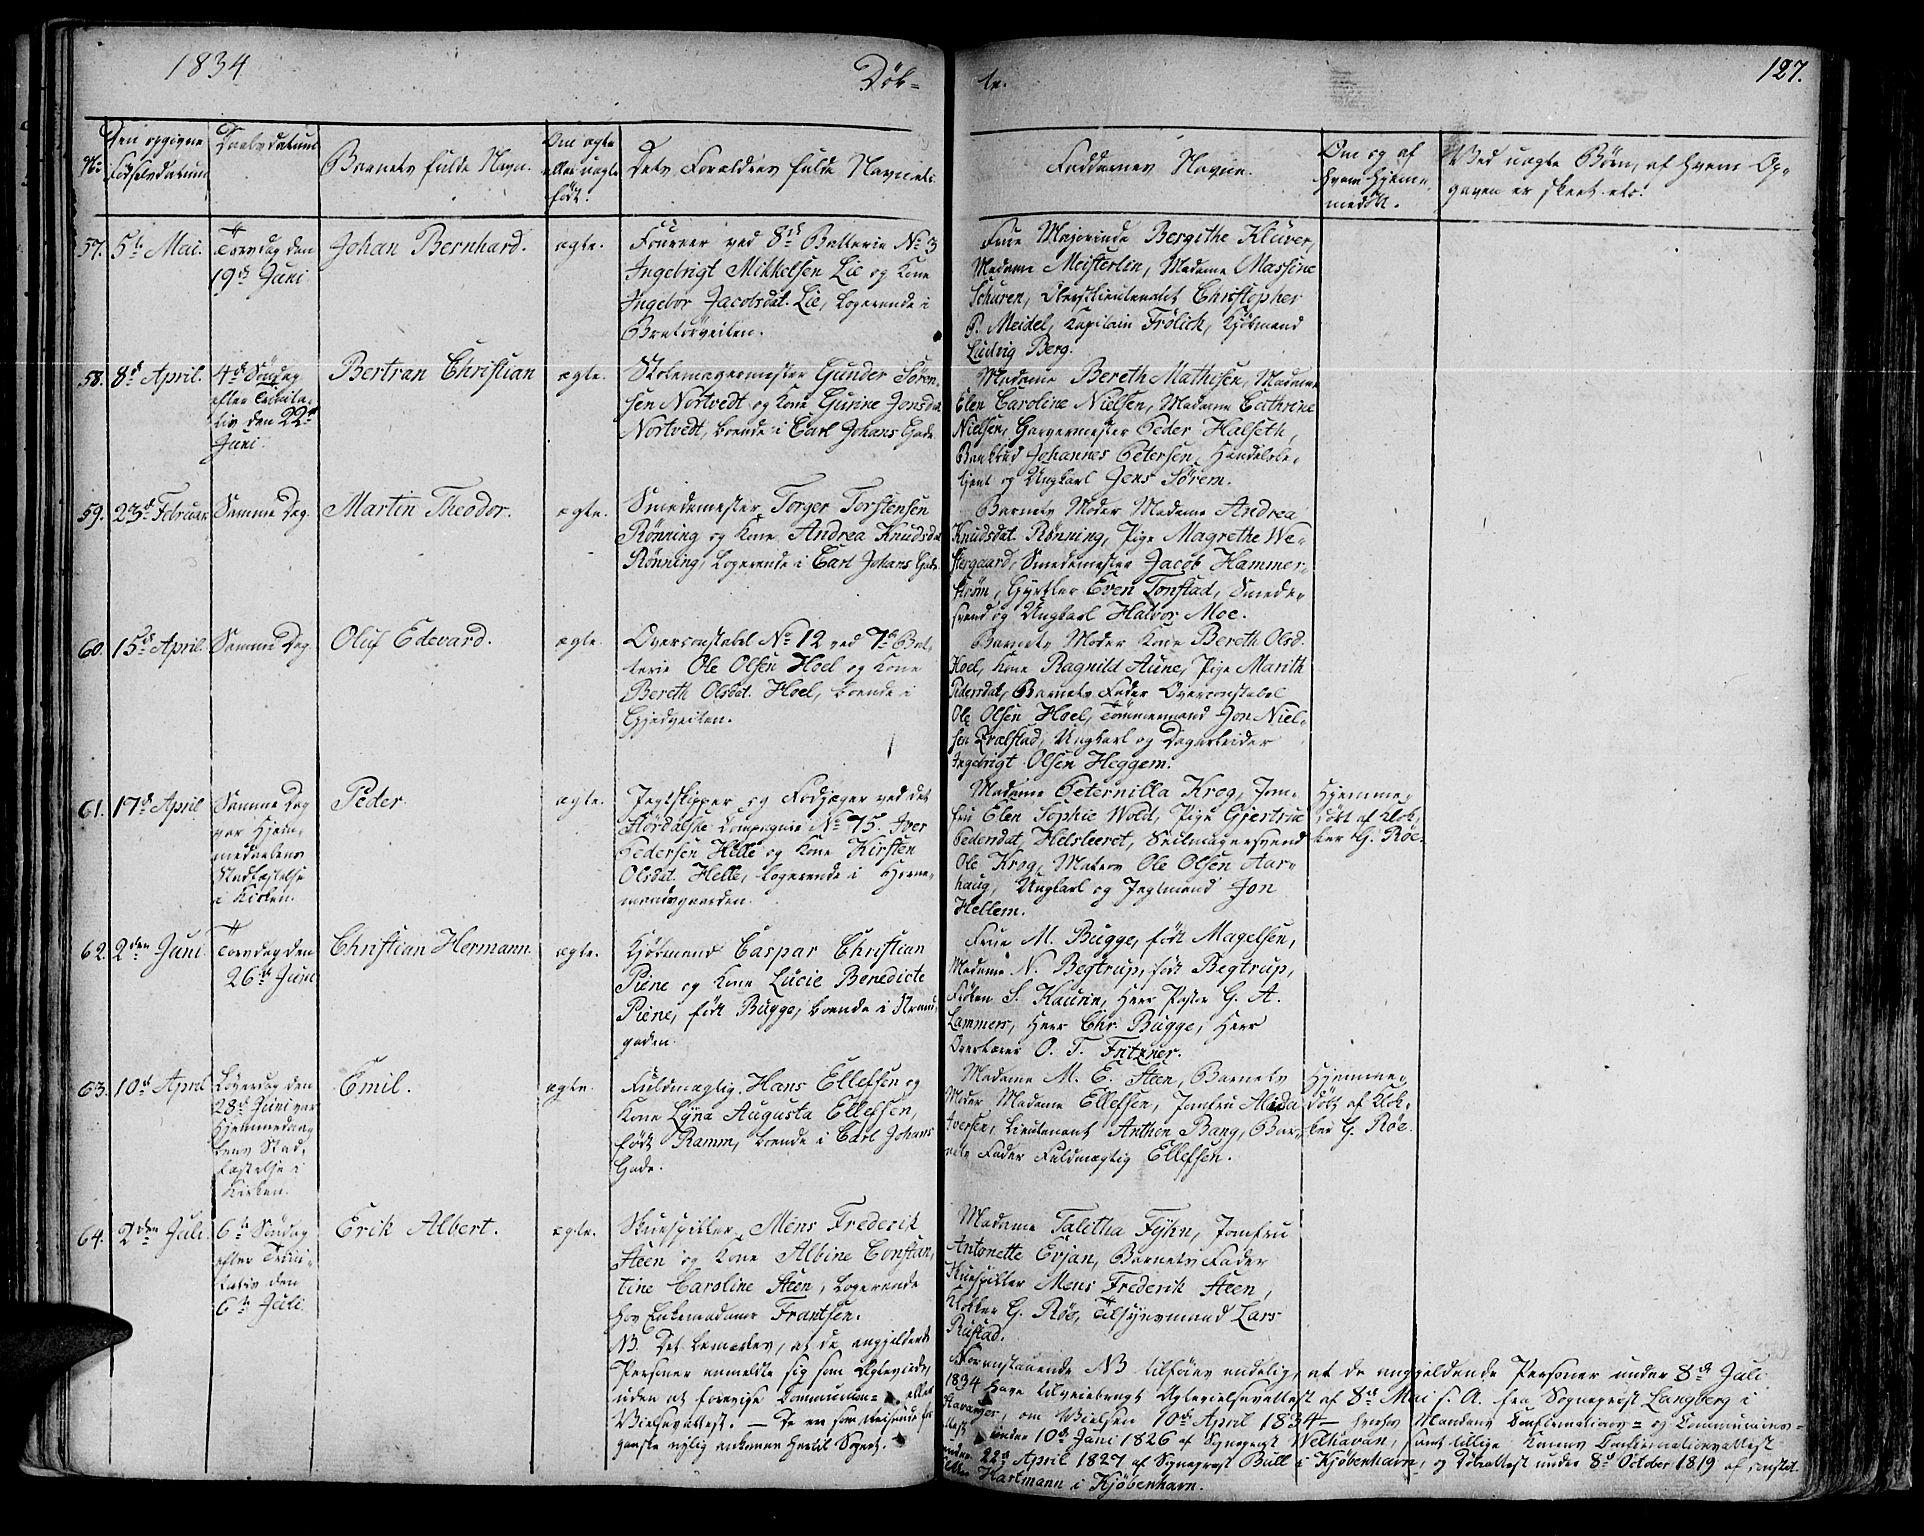 SAT, Ministerialprotokoller, klokkerbøker og fødselsregistre - Sør-Trøndelag, 602/L0108: Ministerialbok nr. 602A06, 1821-1839, s. 127